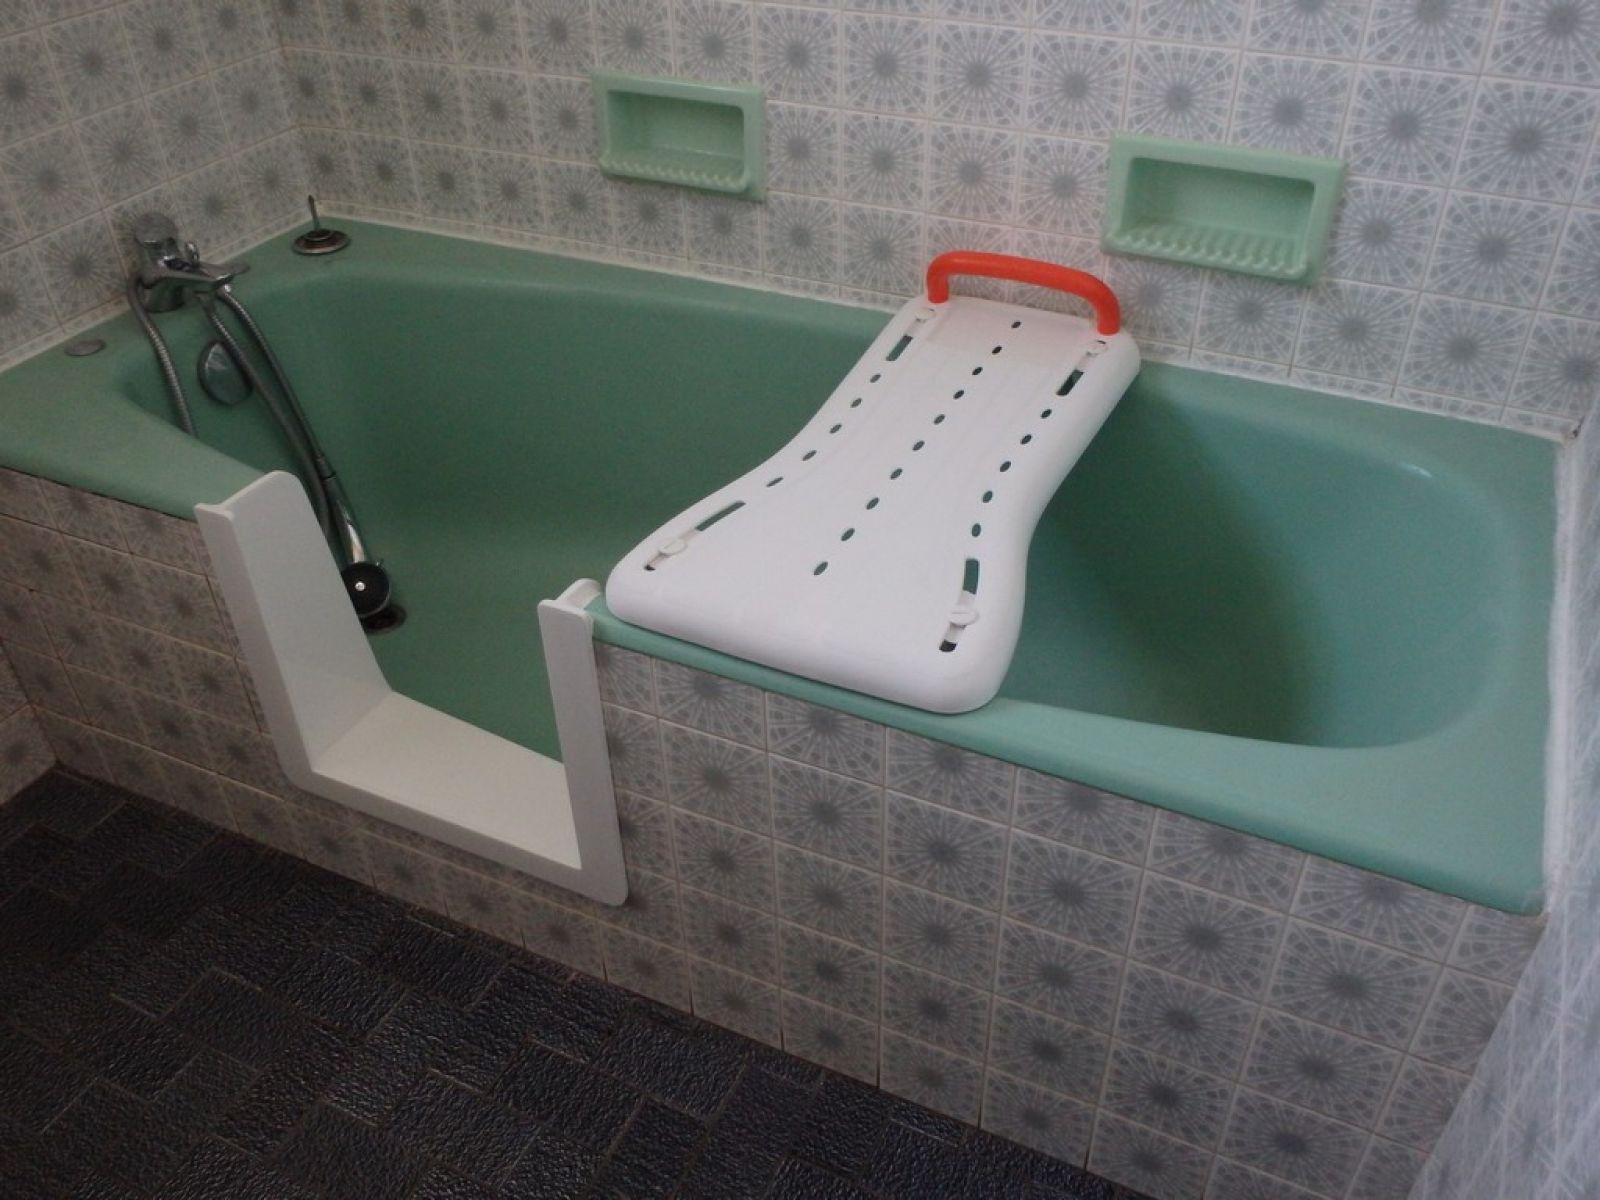 Acc s baignoire personne g e bordeaux sobain - Baignoire pour personne agee ...